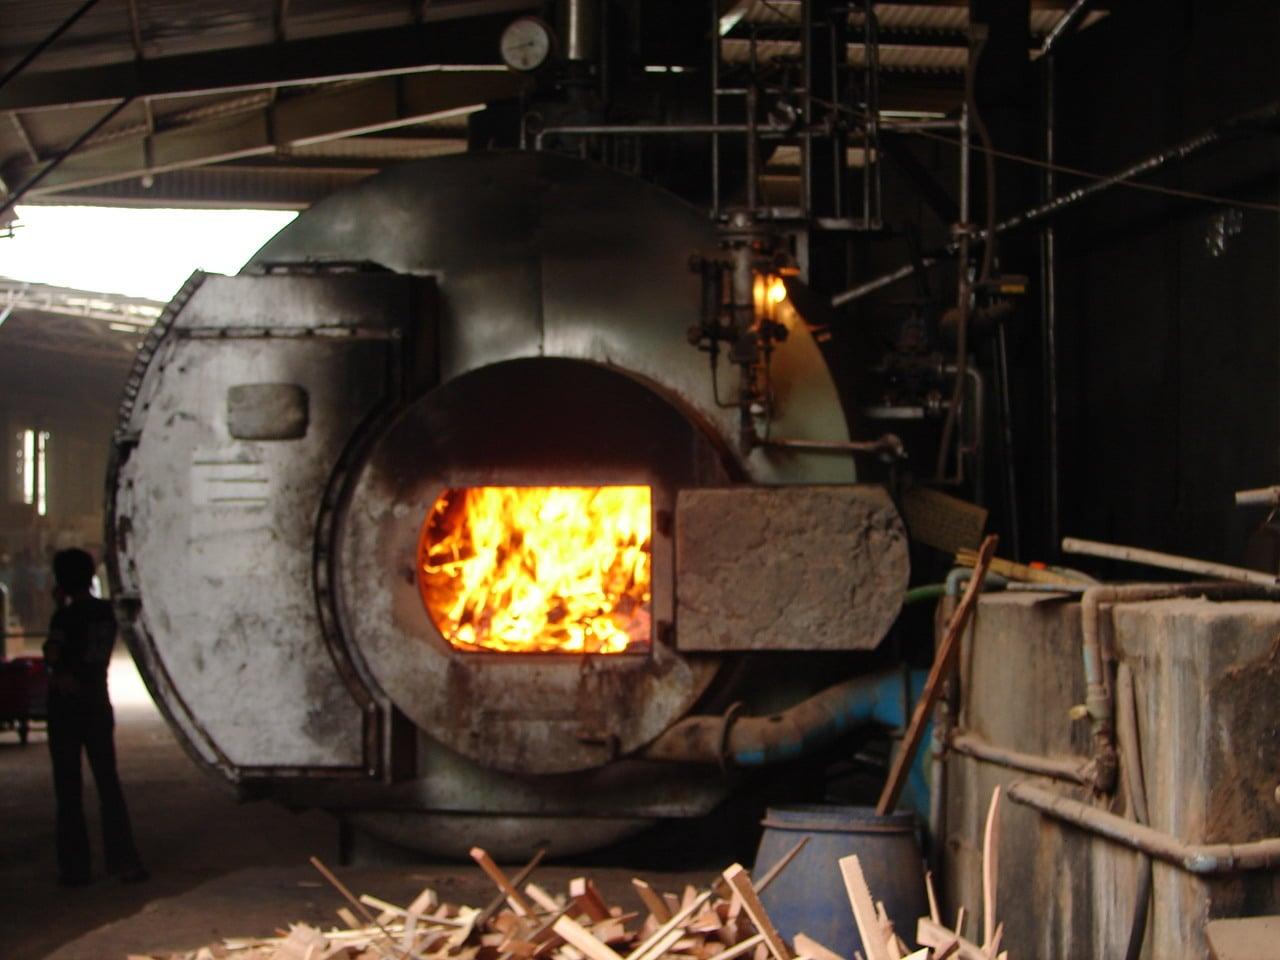 3 phương pháp đốt than đá hiệu quả được sử dụng phổ biến hiện nay